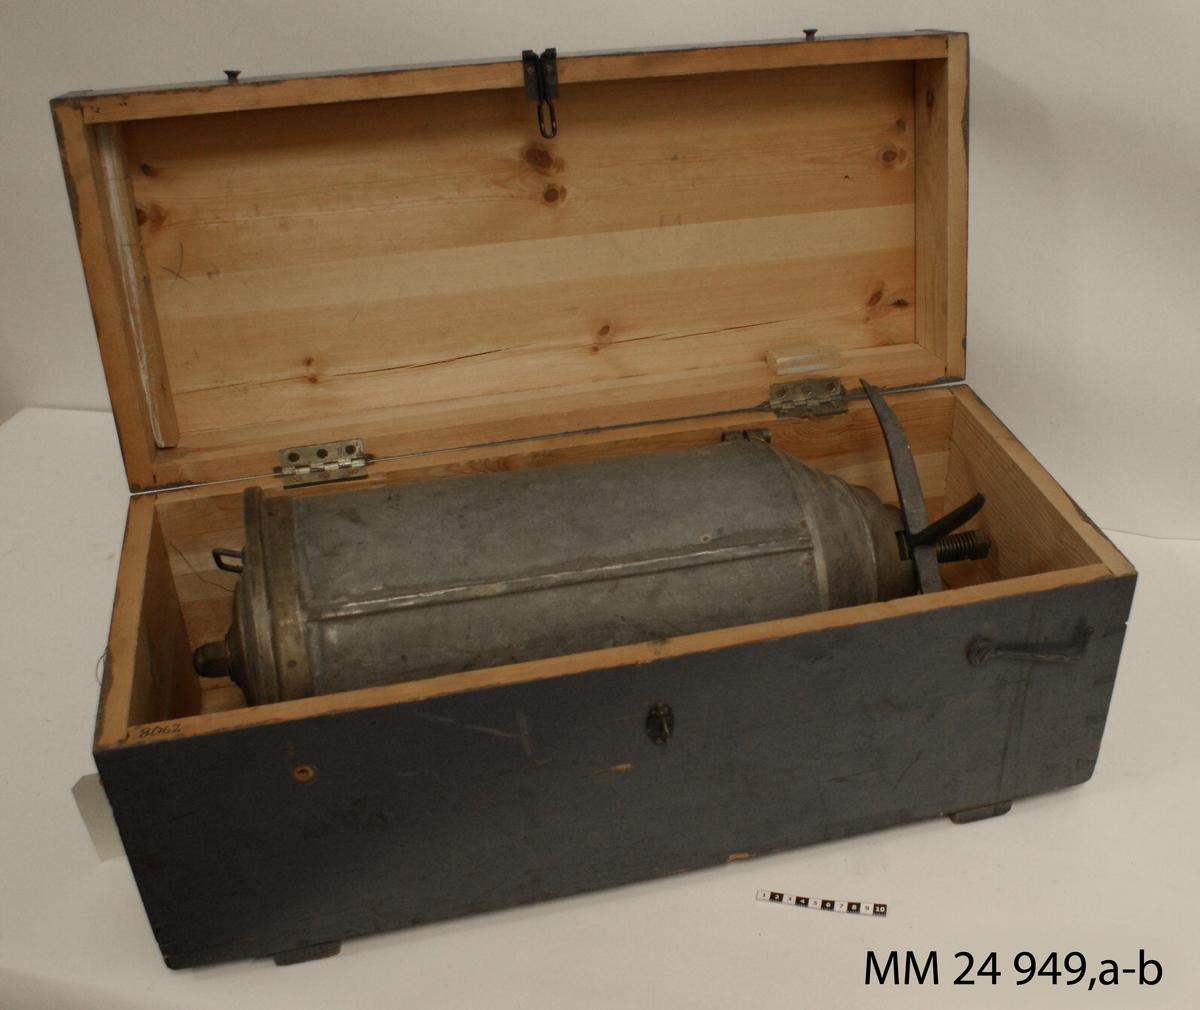 Stångtorped, större modell. Cylindrig laddningsbehållara av galvaniserad stålplåt. Hylsa för torpedgaffel. Detaljer av mässing. Äldre märkning: 8067.